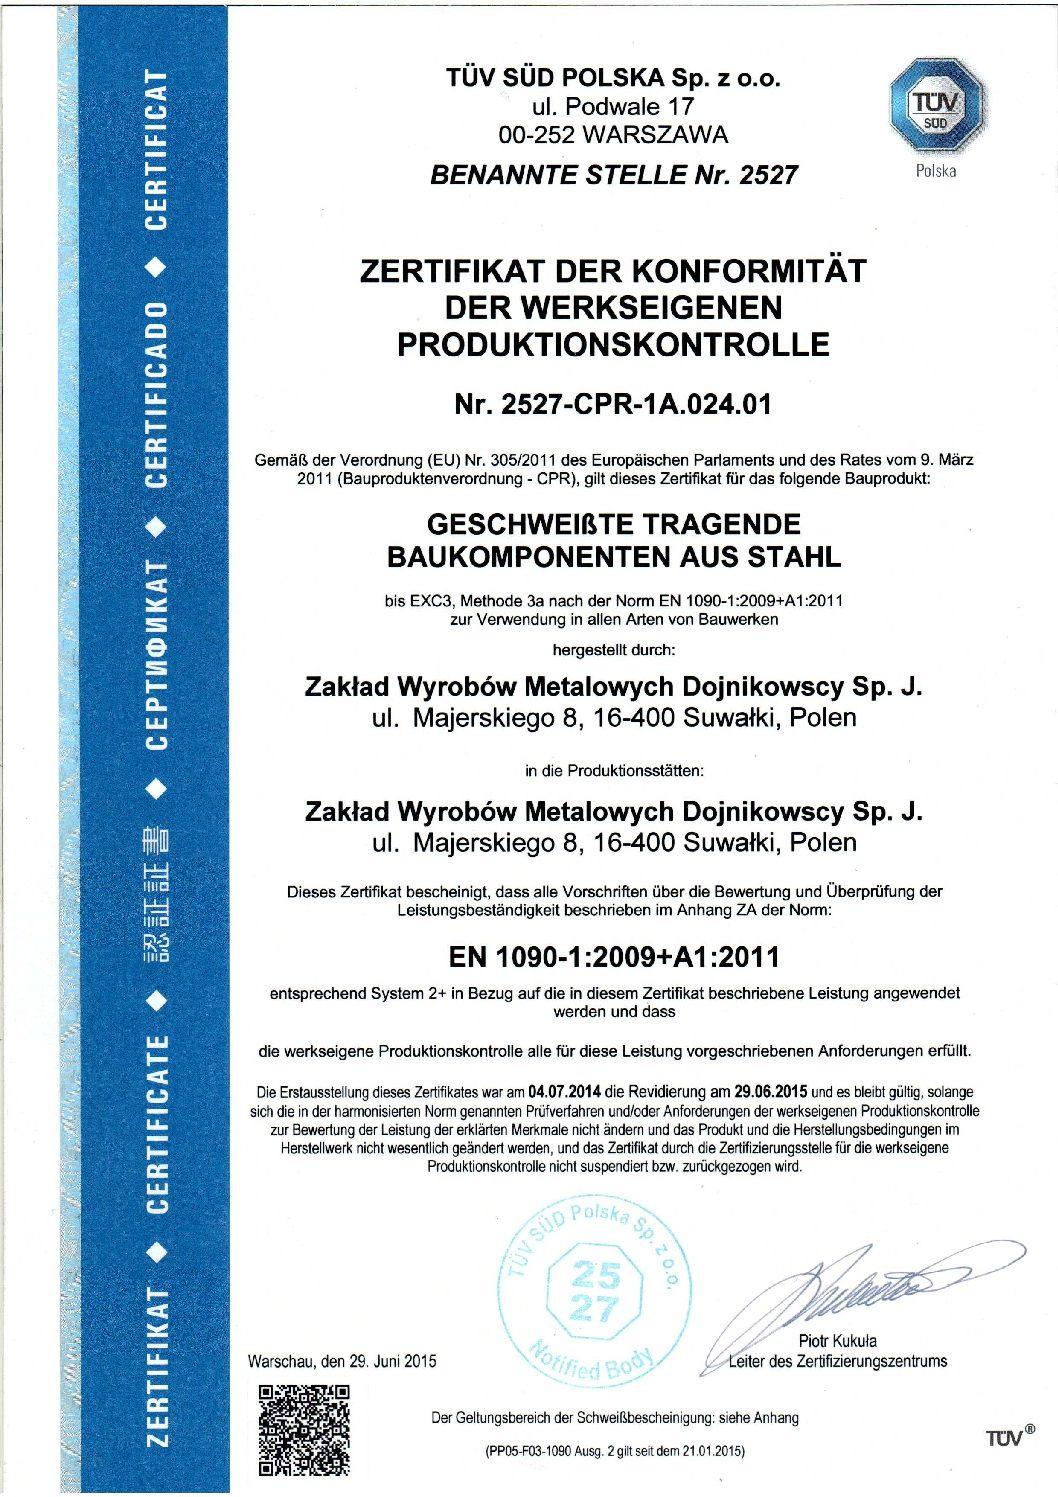 Certificate of Conformity EN 1090 de